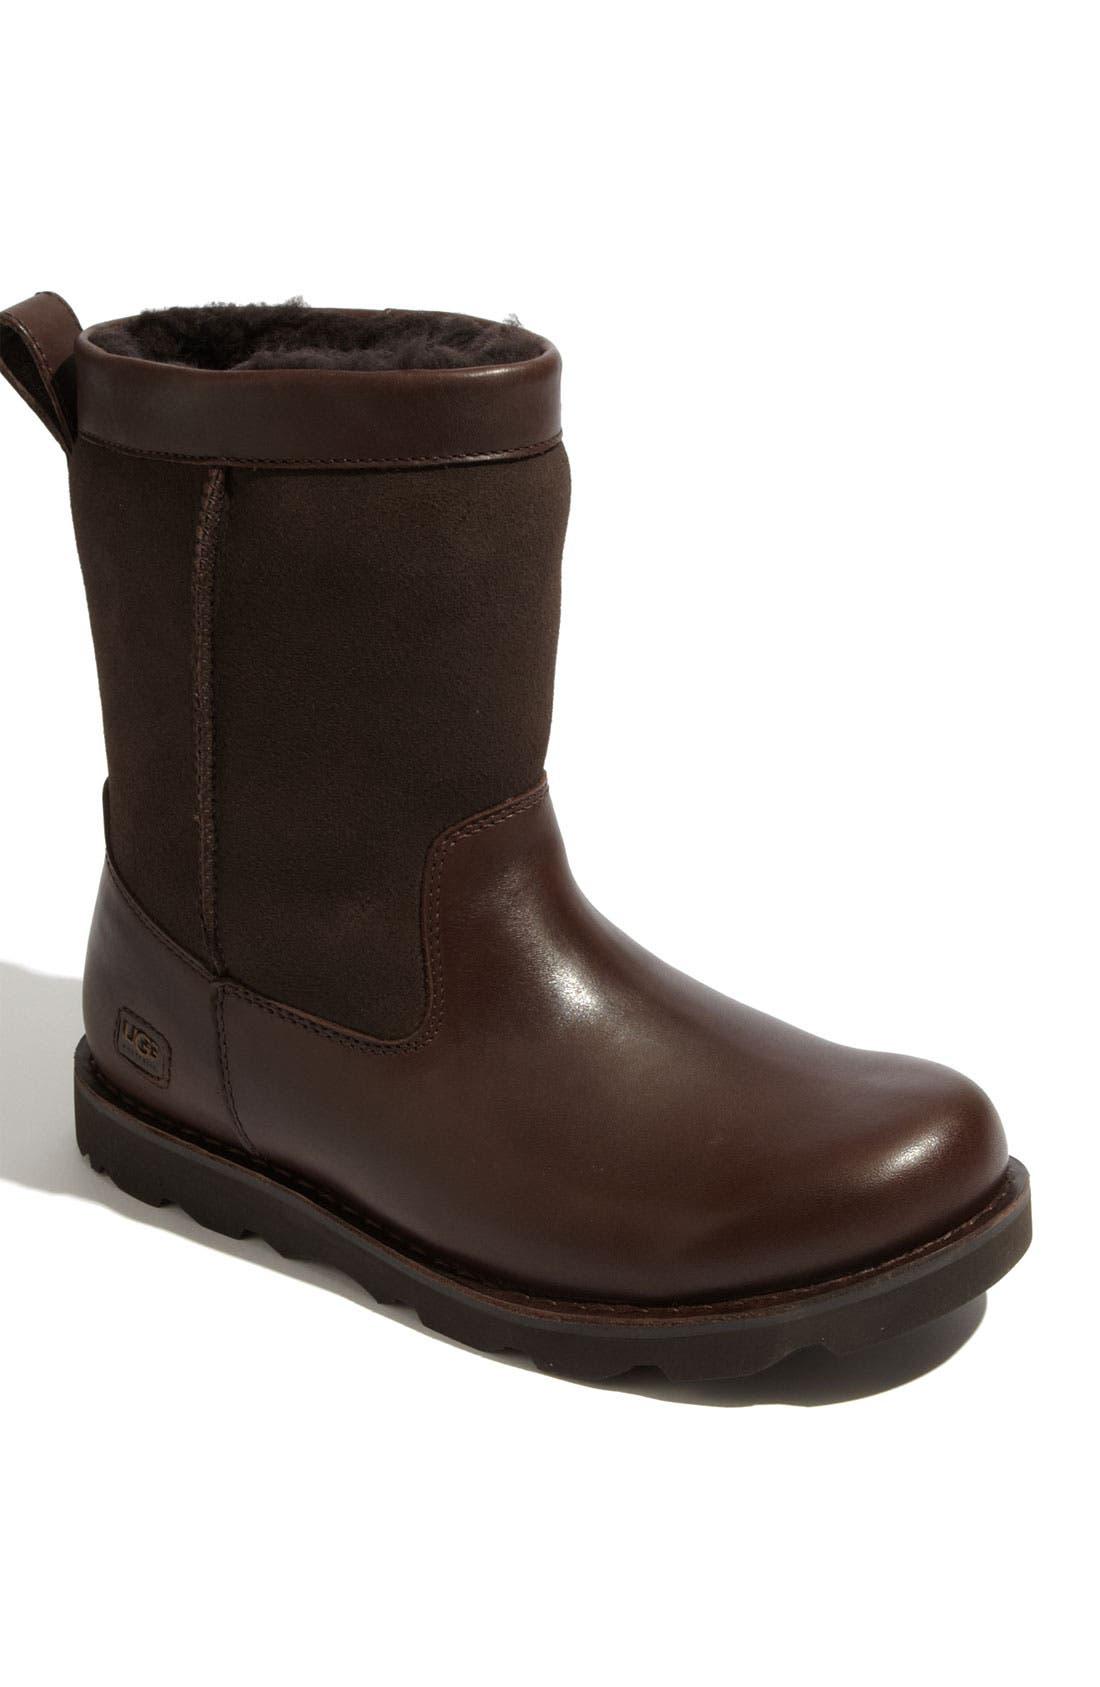 Alternate Image 1 Selected - UGG® 'Wrangell' Boot (Men)